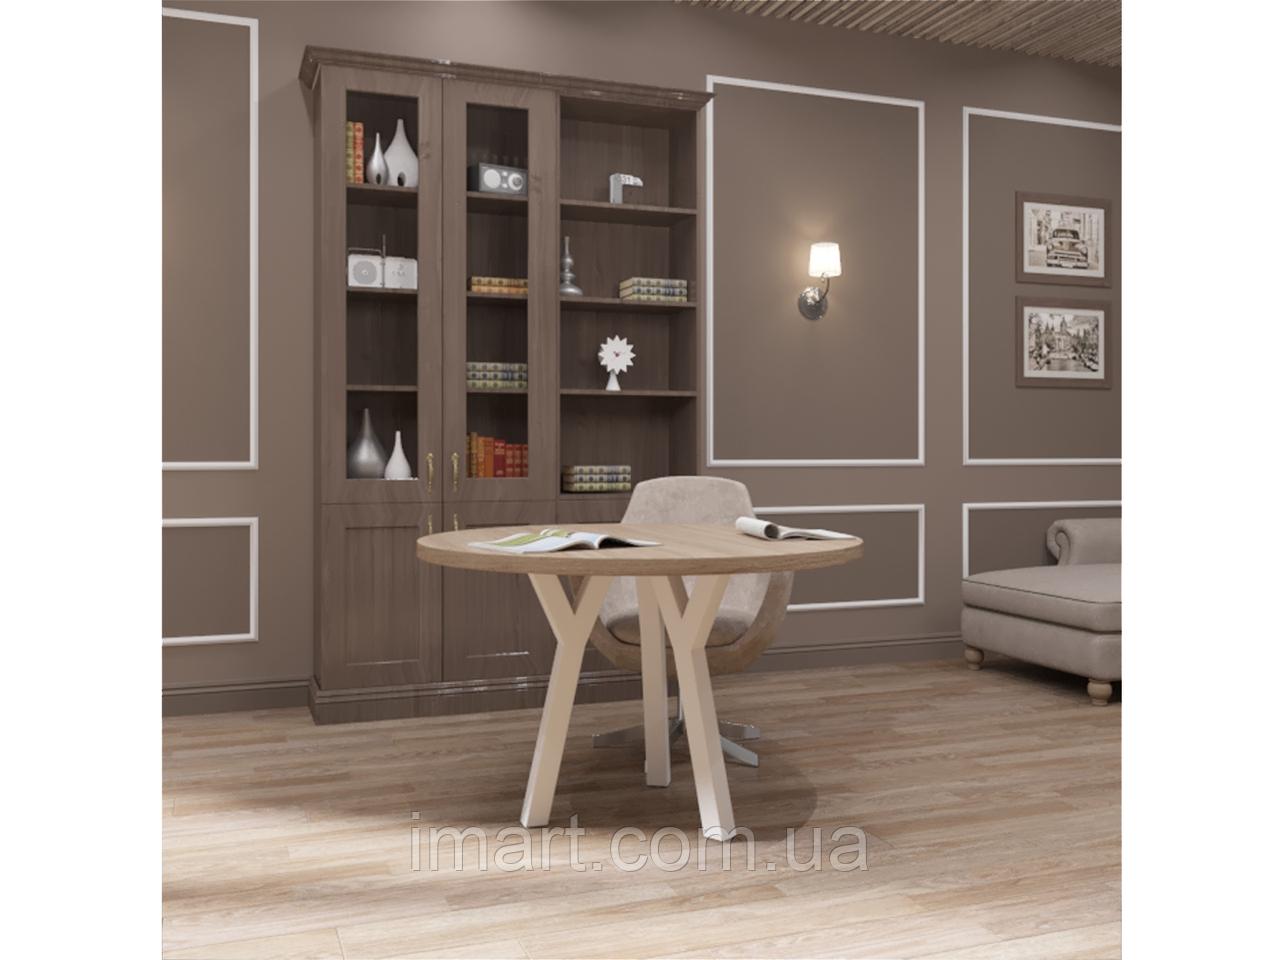 Стол обеденный Уно 3 ноги Loft Металл-Дизайн